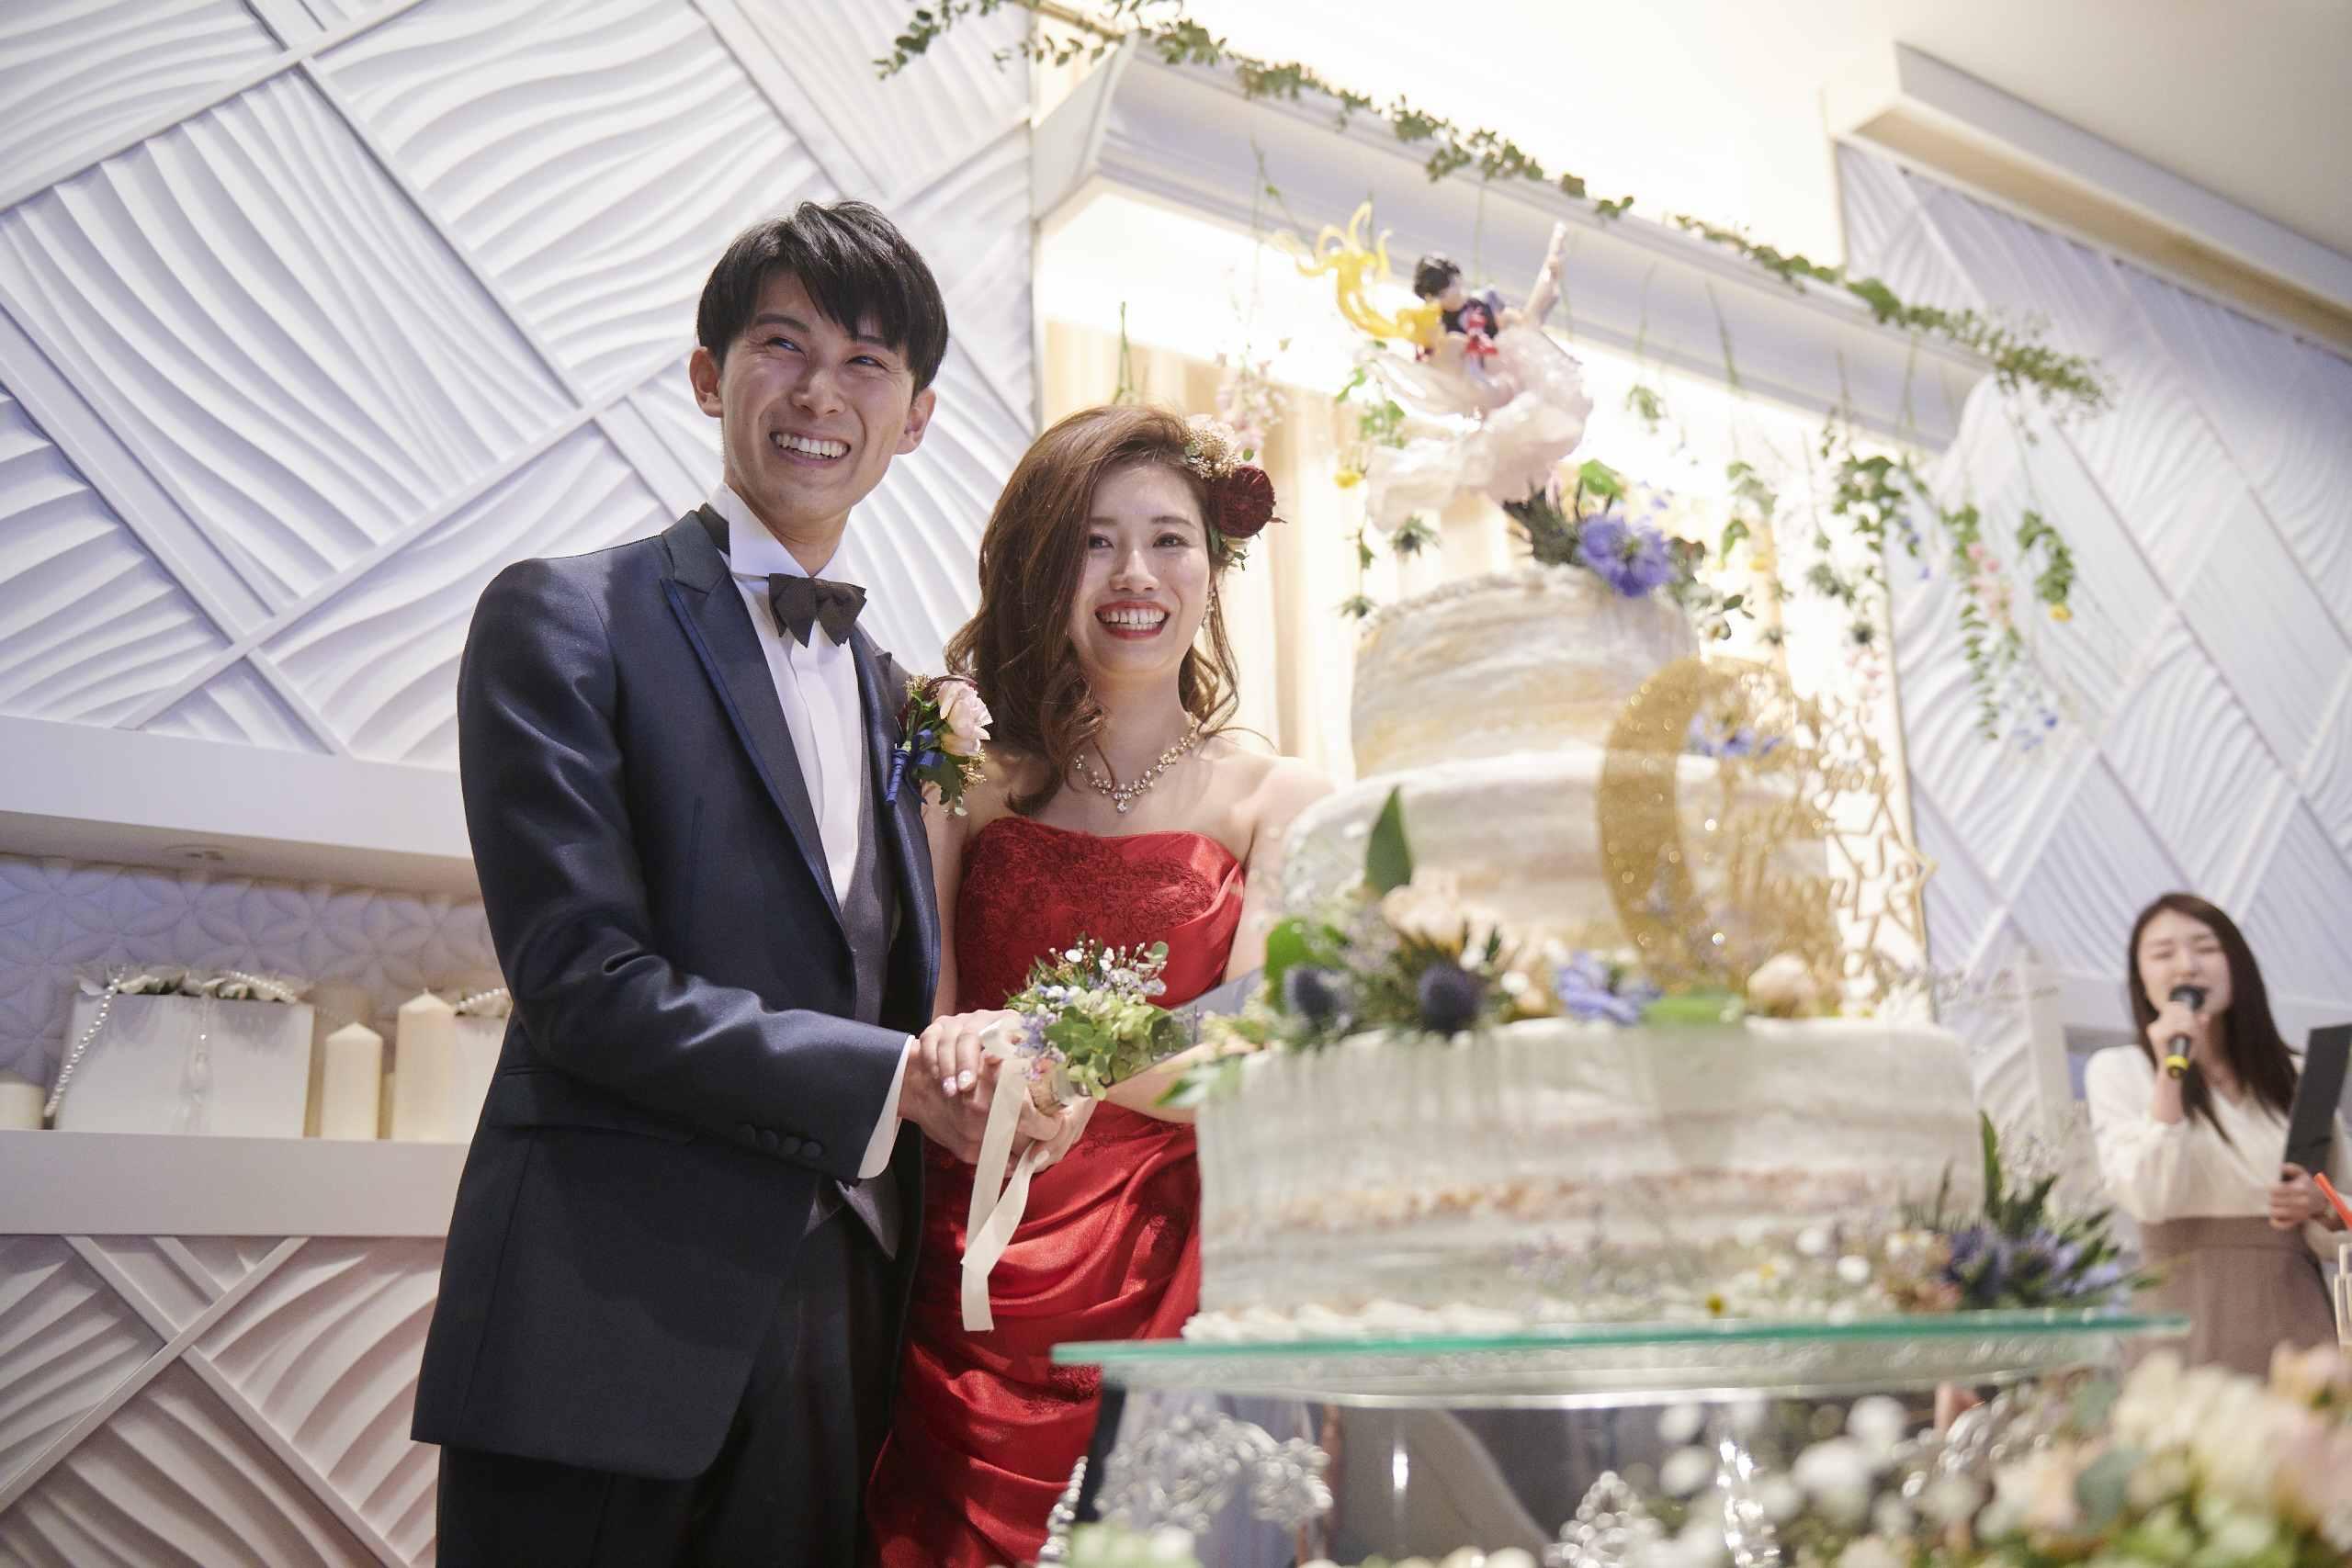 徳島市の結婚式場ブランアンジュでウエディングケーキ入刀する新郎新婦様